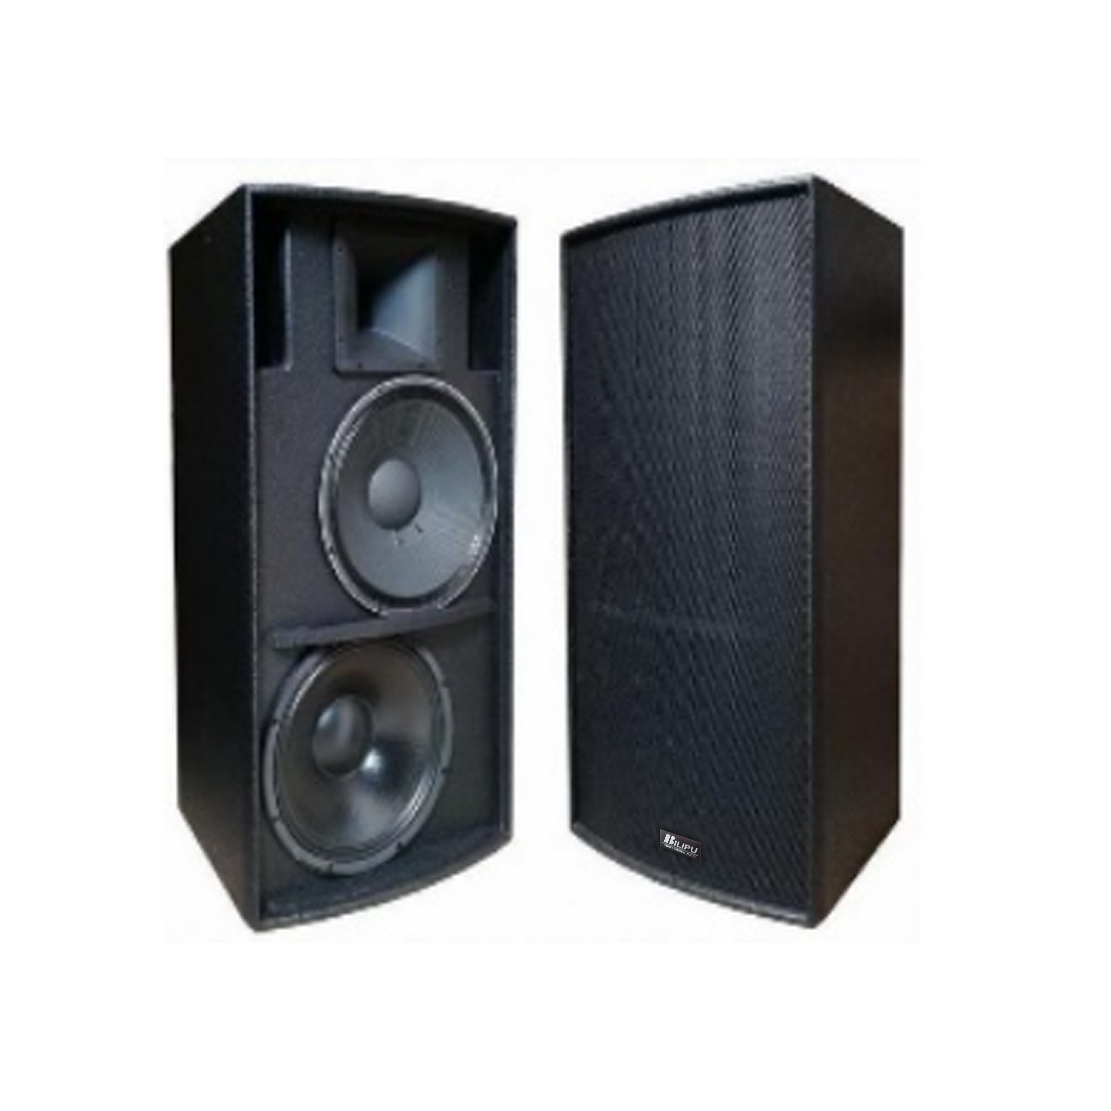 双15寸远程音箱   HR215+